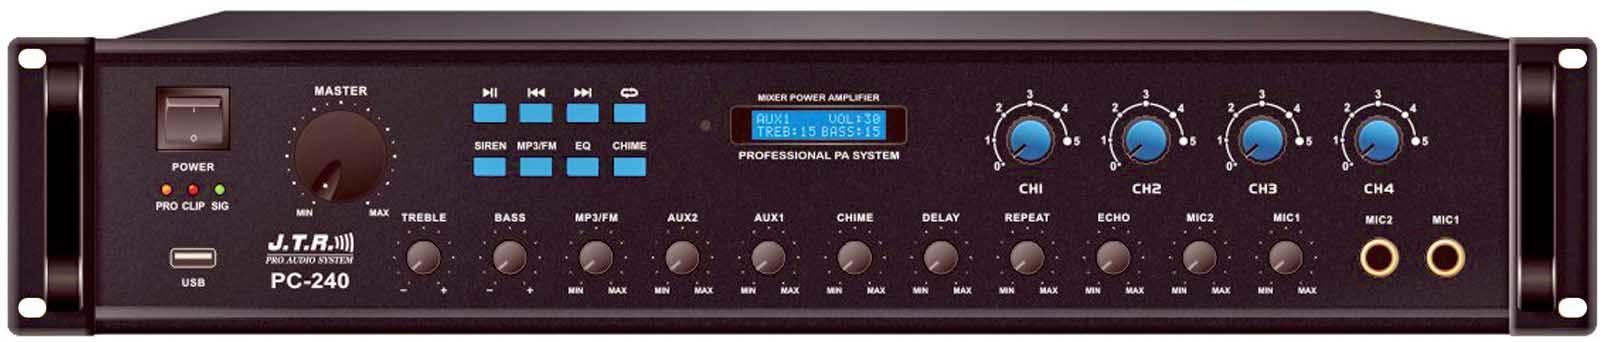 پاور آمپلی فایر آنالوگ محصول کمپانی JTR ( جی تی آر ) سری Public Addrerss Amplifier مدل PC-240